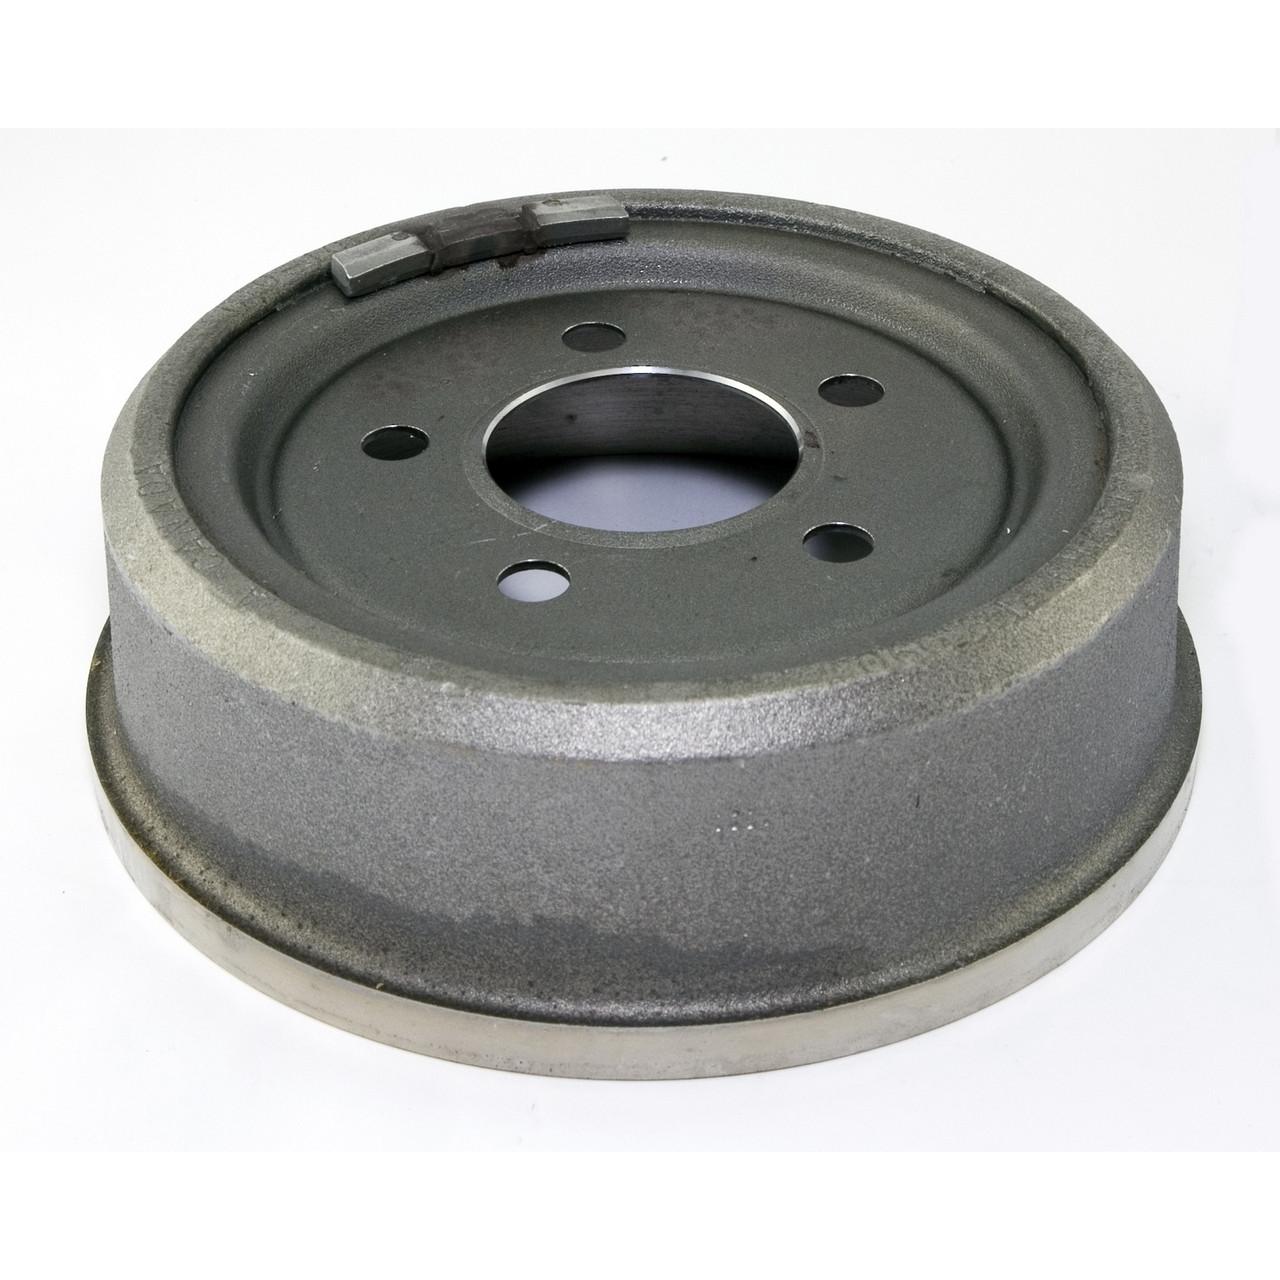 RH Front Wheel Cylinder for Jeep DJ Models Postal 1982-1984 16723.20 Omix-ADA